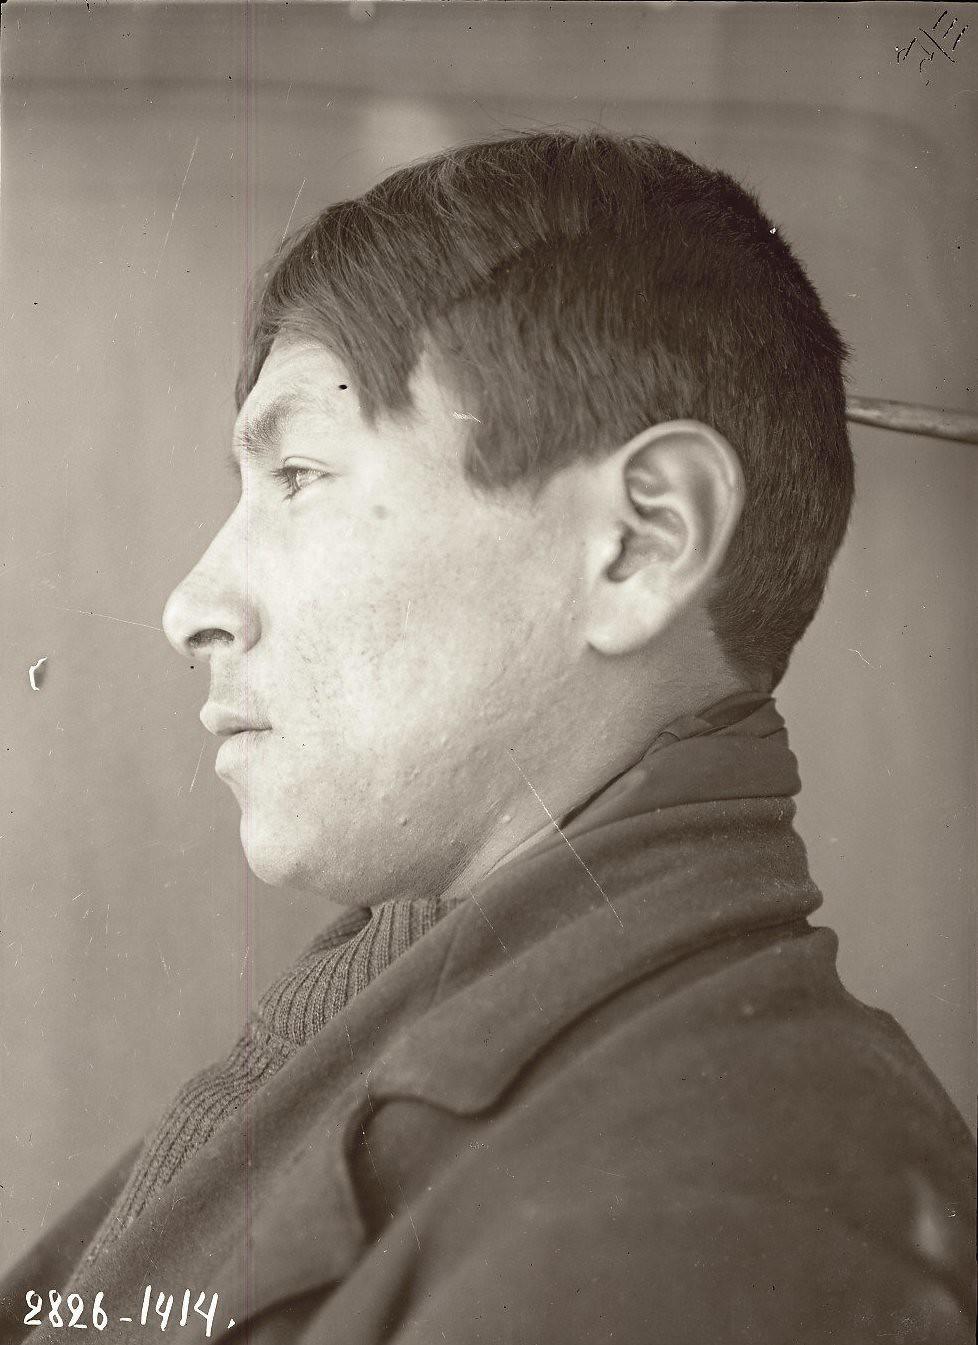 1909. Март - апрель. Александр Петухов (профиль). Уналашка остров, селение Уналашка